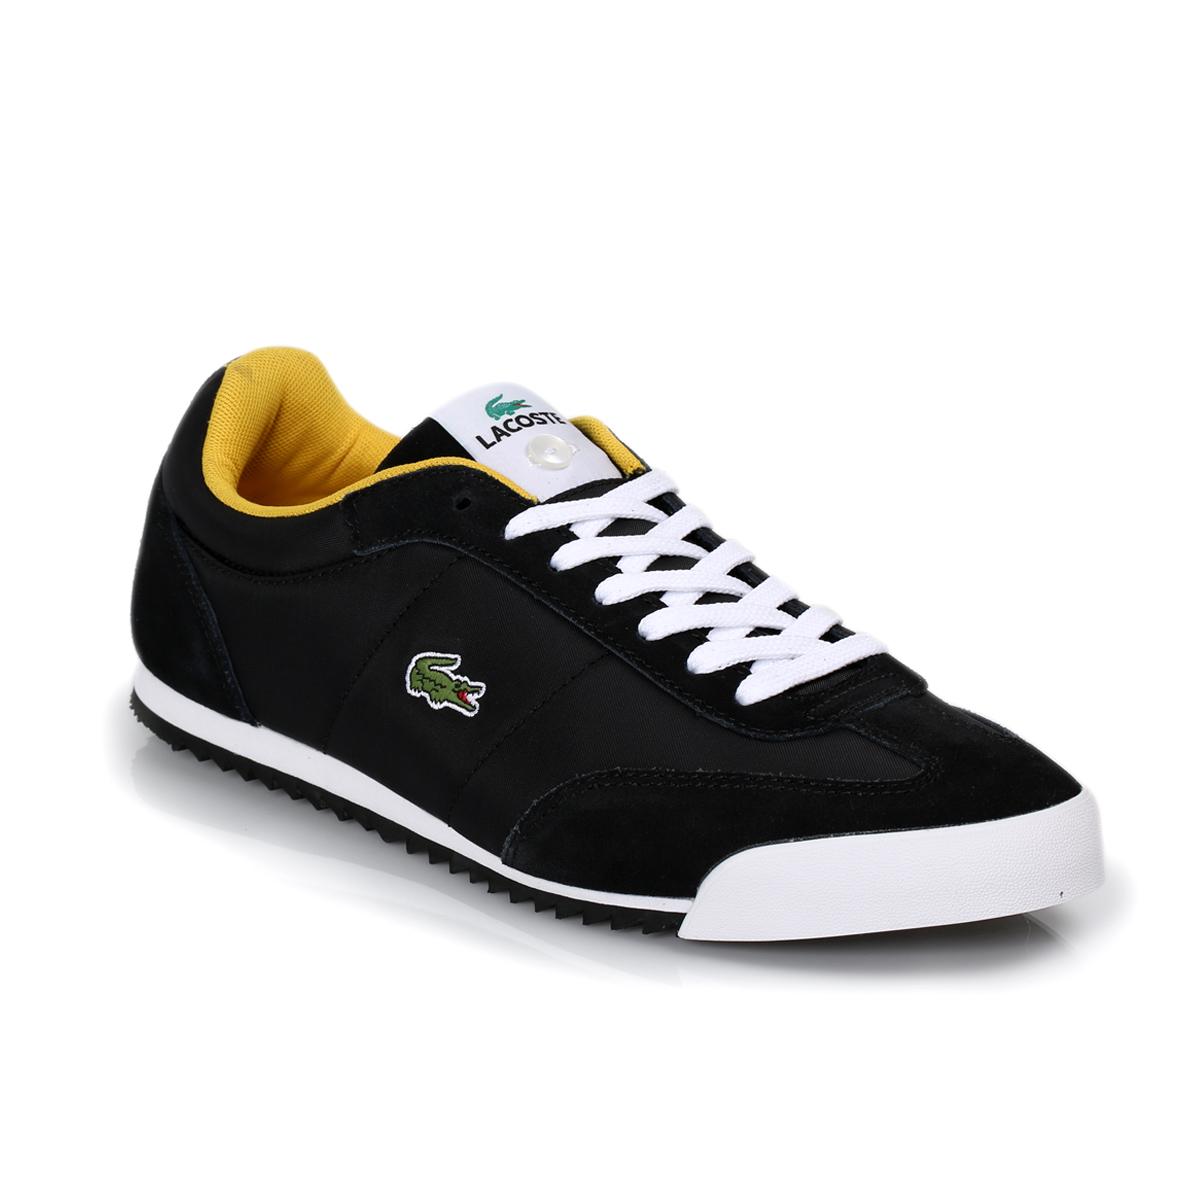 mens trainers menu0027s black lacoste trainers QCVVIZK